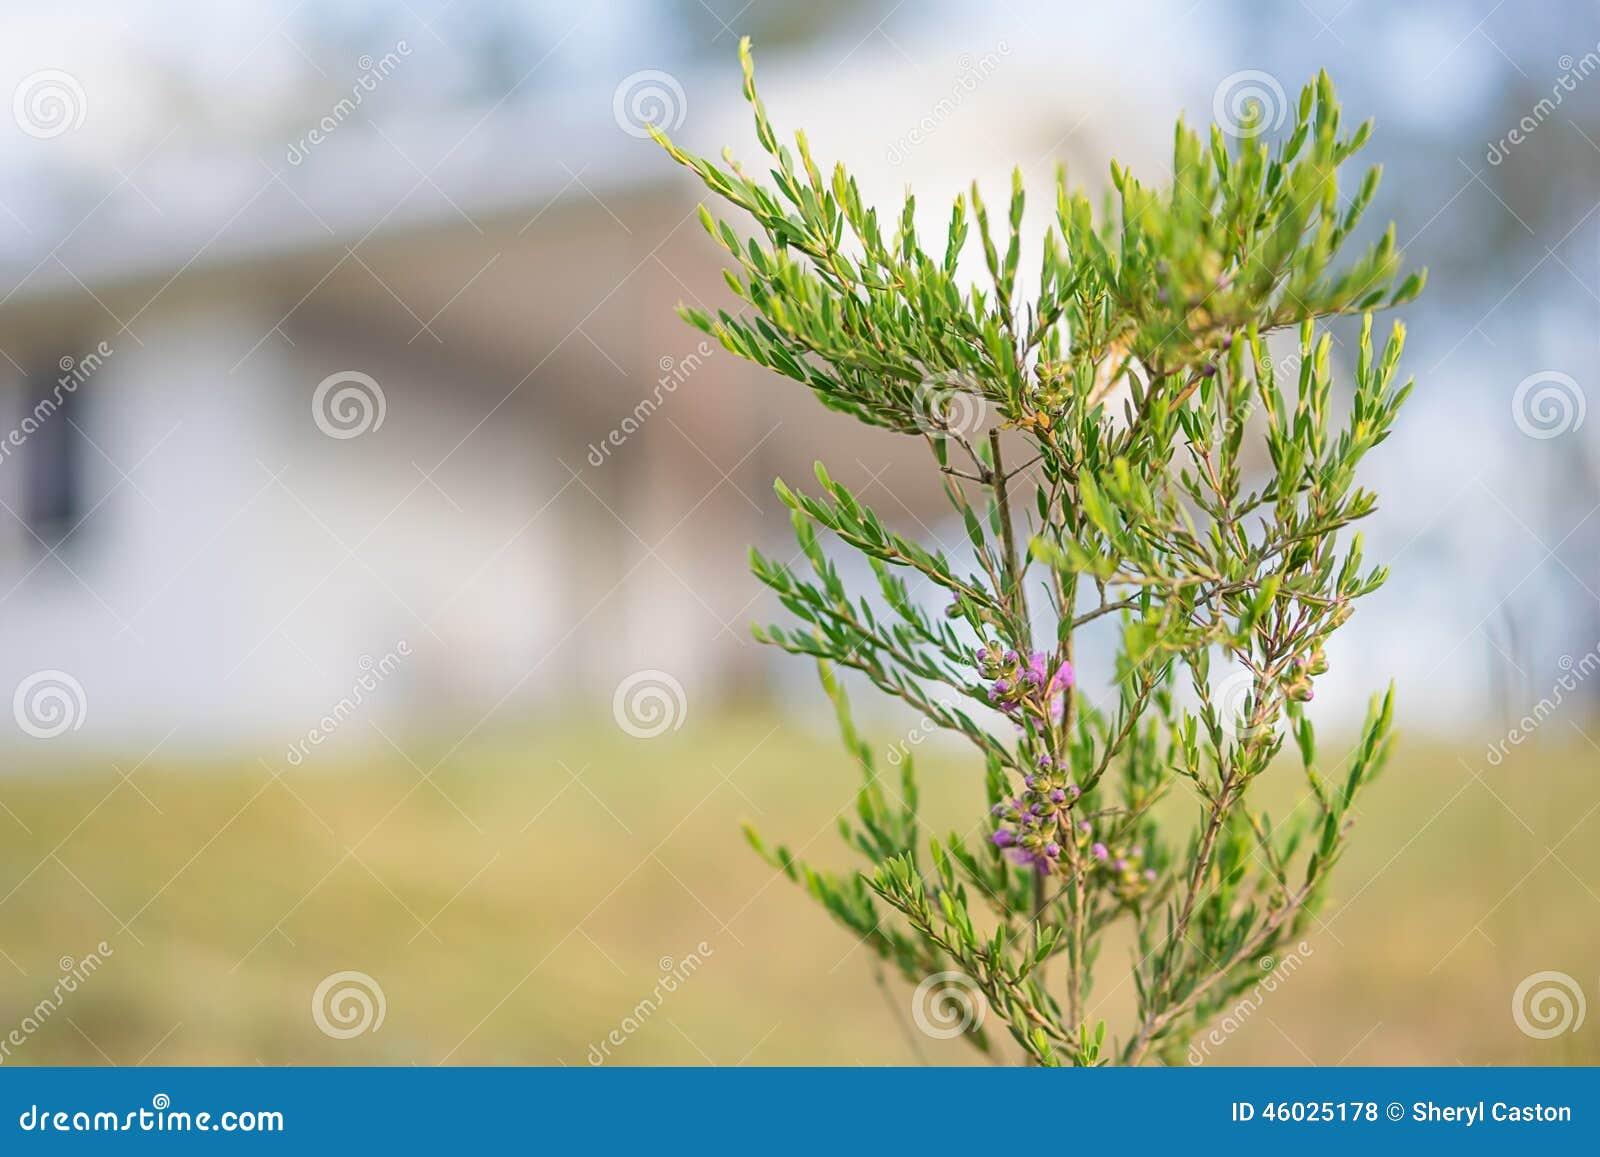 australischer strauch fr hling wildflower melaleuca thymifolia. Black Bedroom Furniture Sets. Home Design Ideas